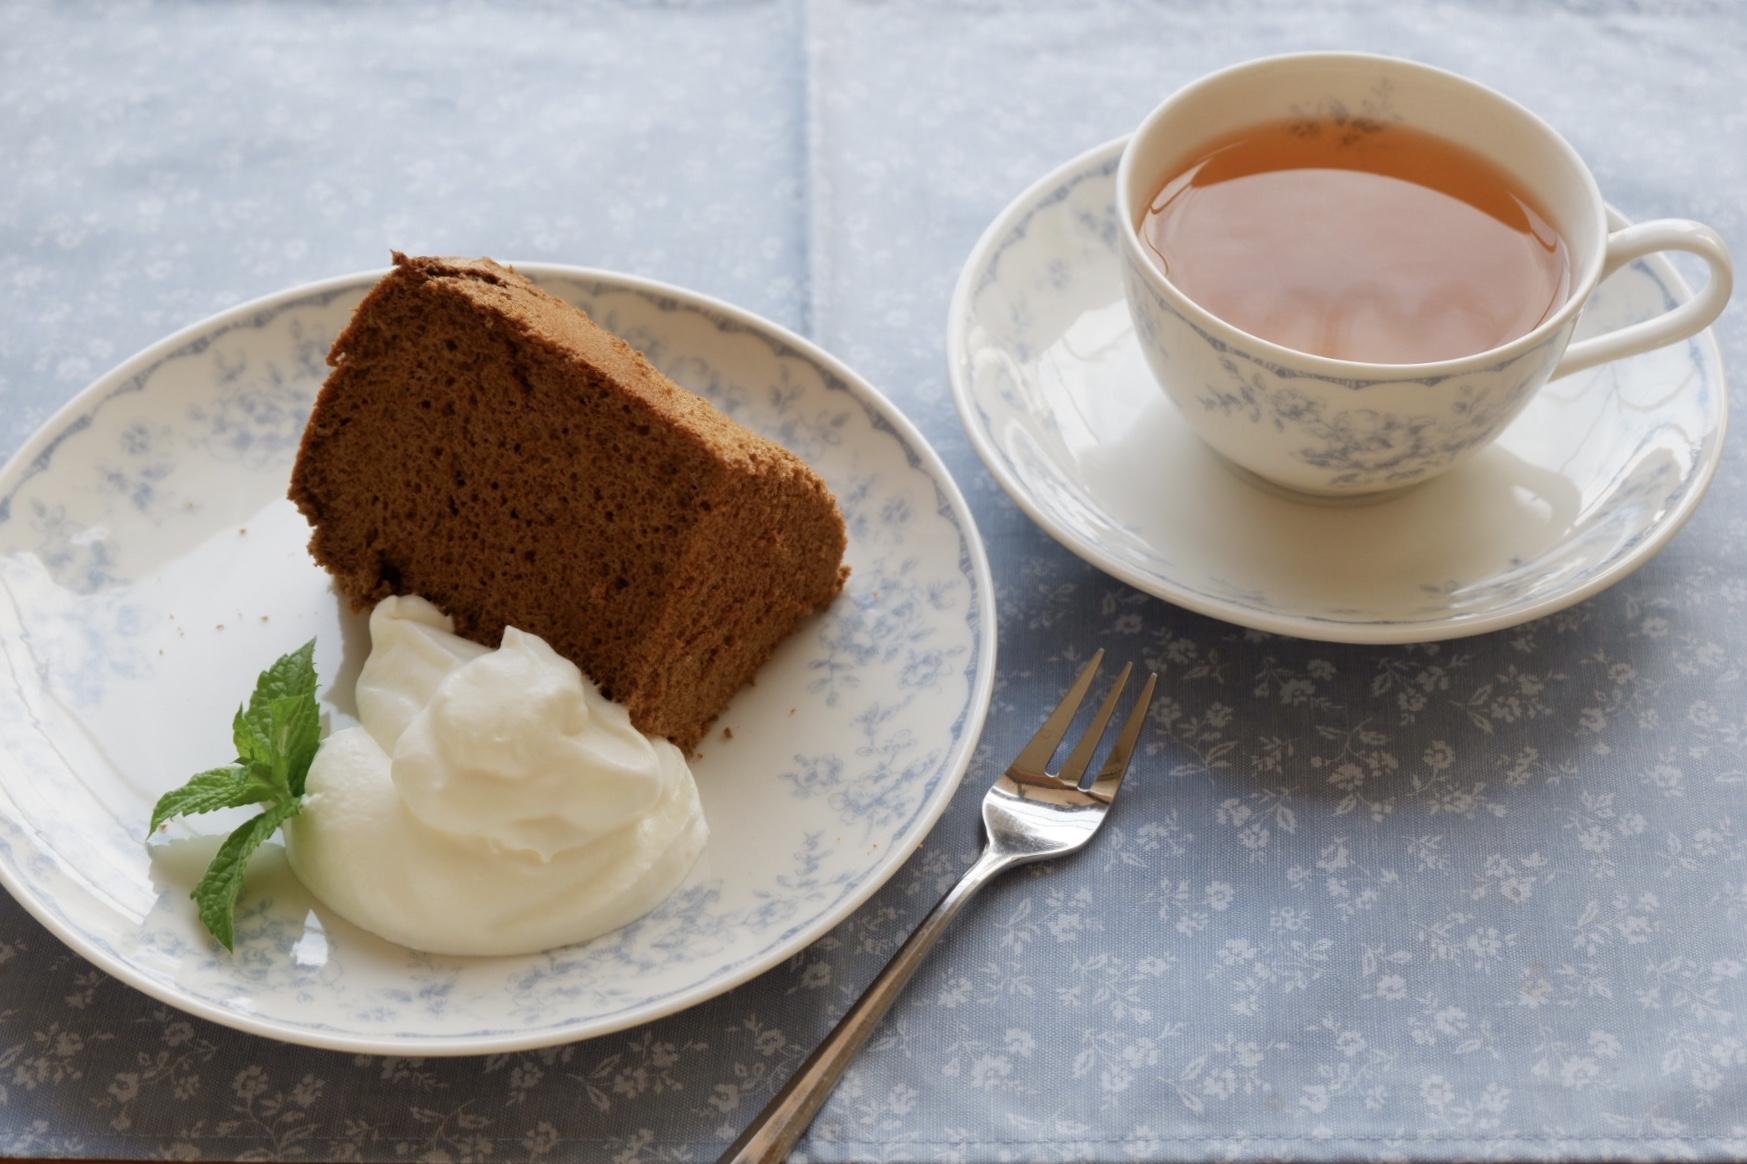 紅茶とオレンジのシフォンケーキ